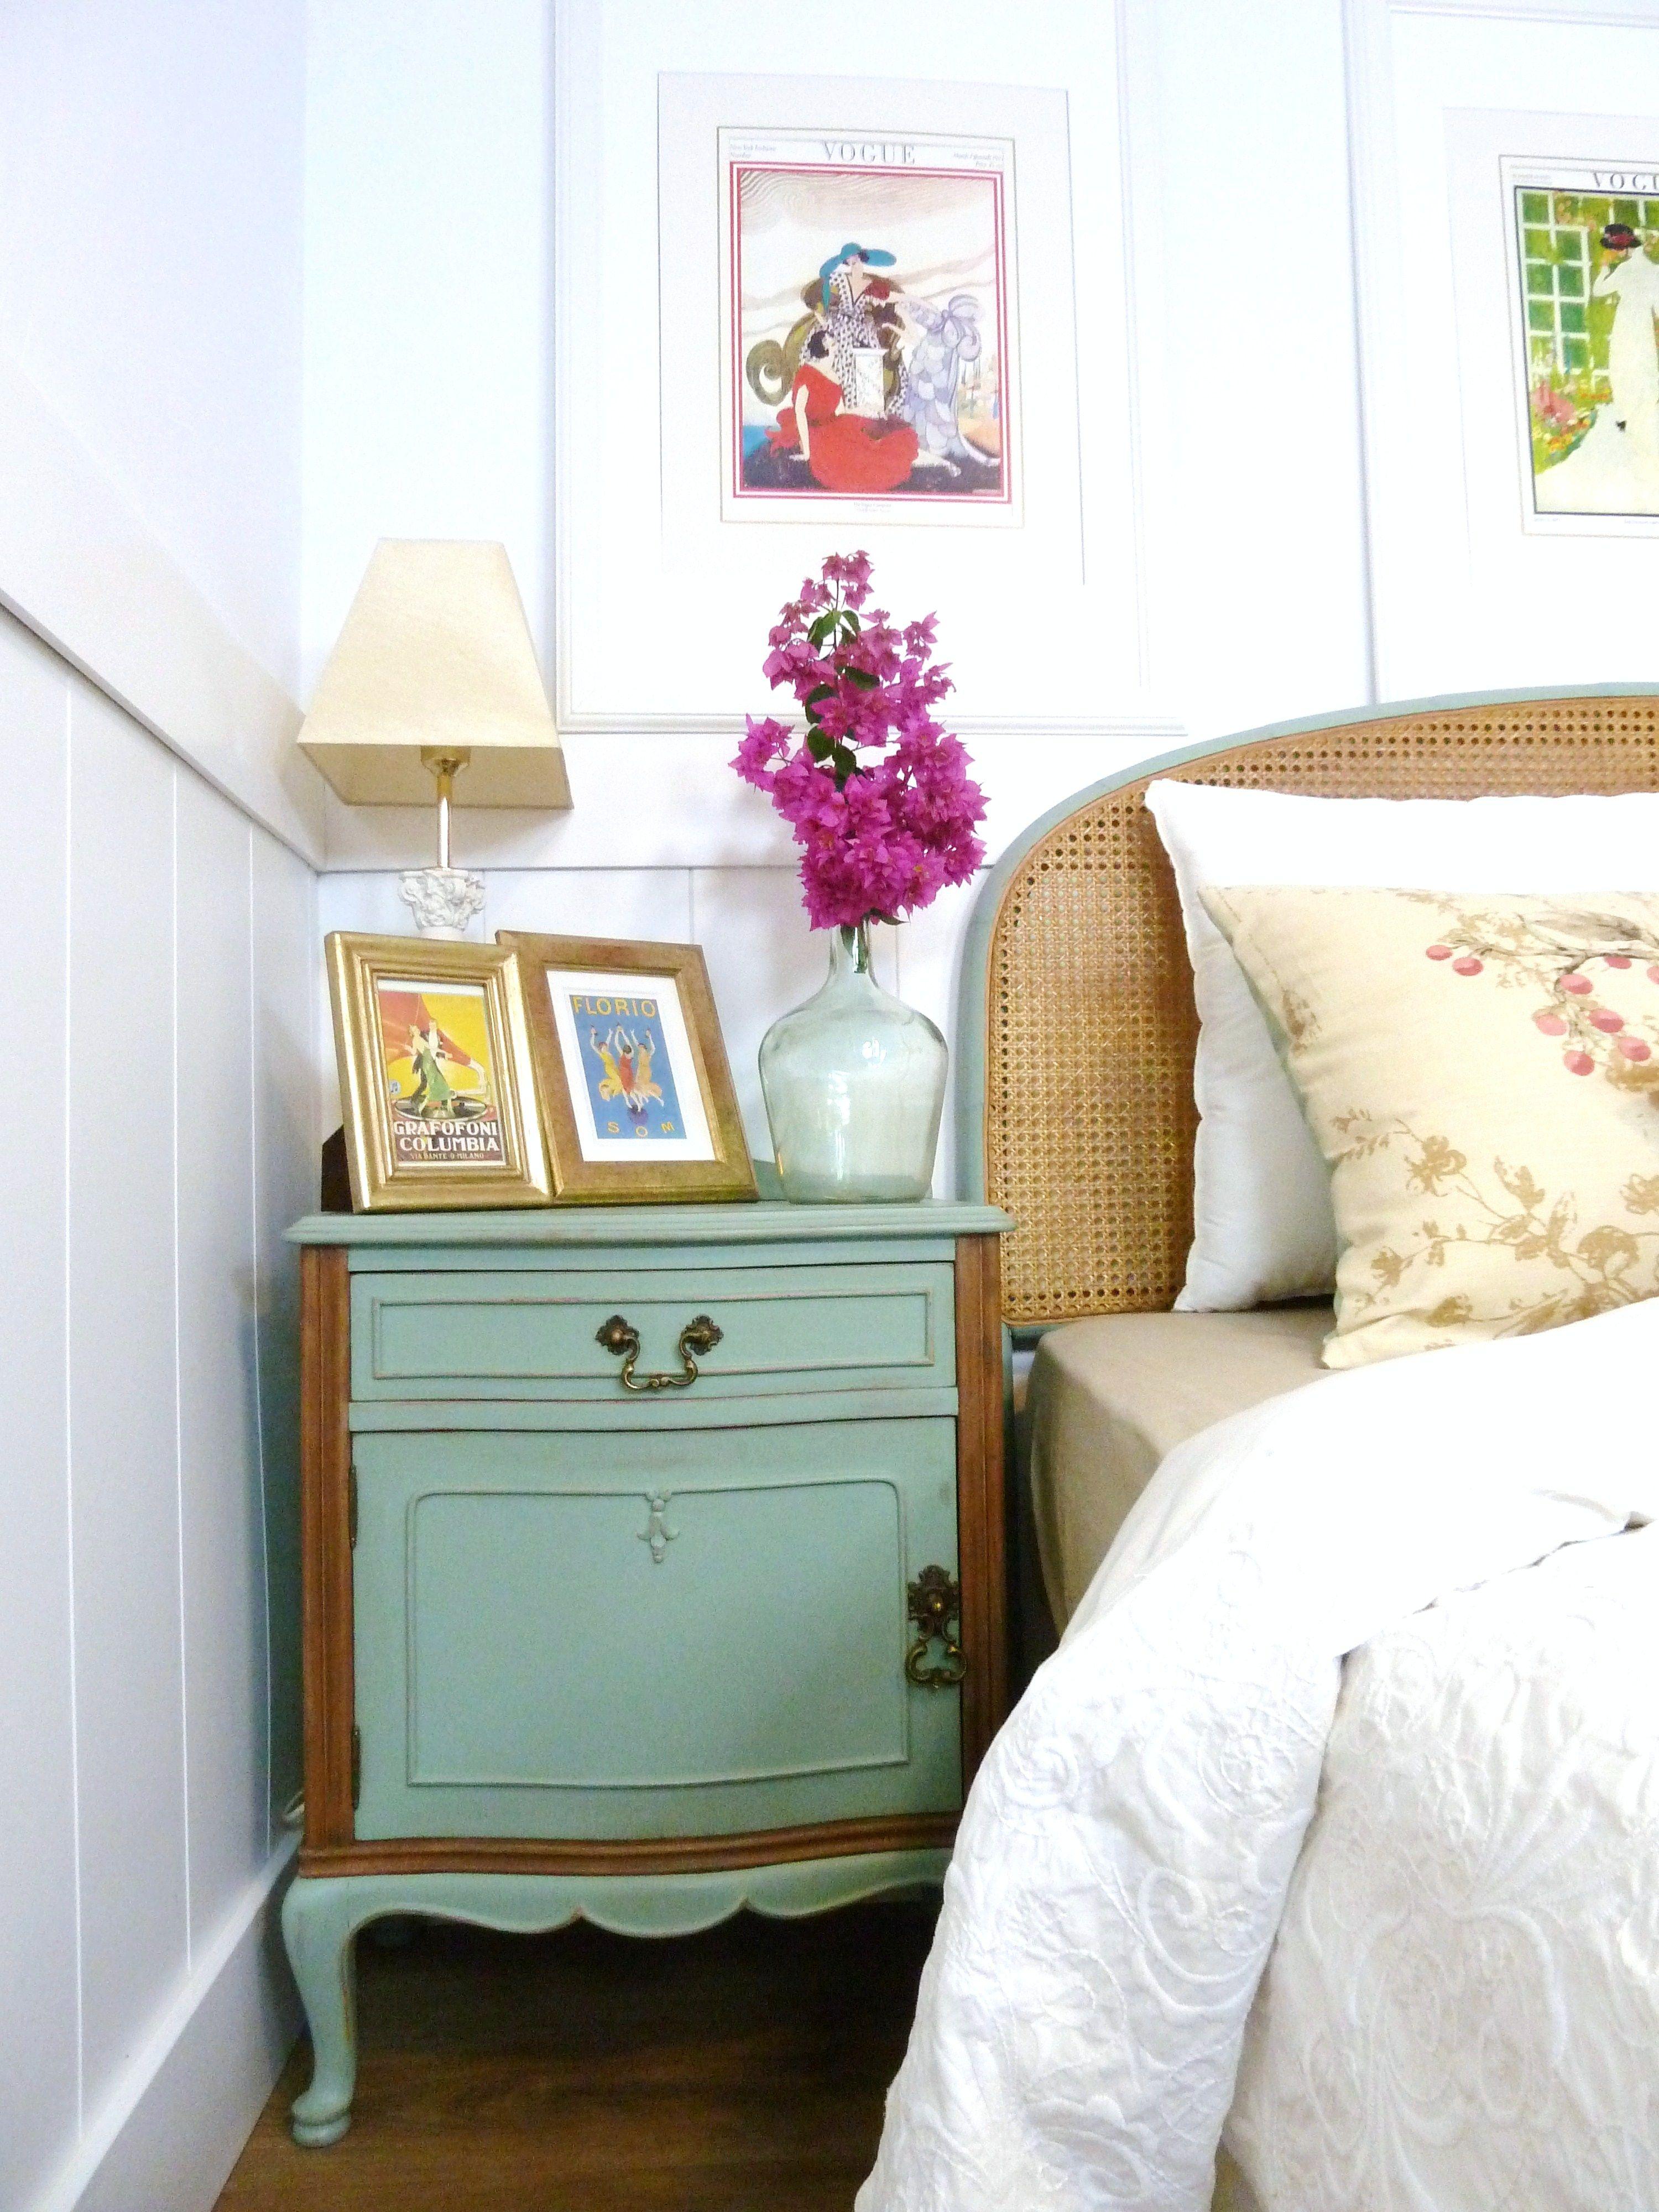 Mesita de madera con caj n y puerta pintada en color - Mesitas de noche originales ...